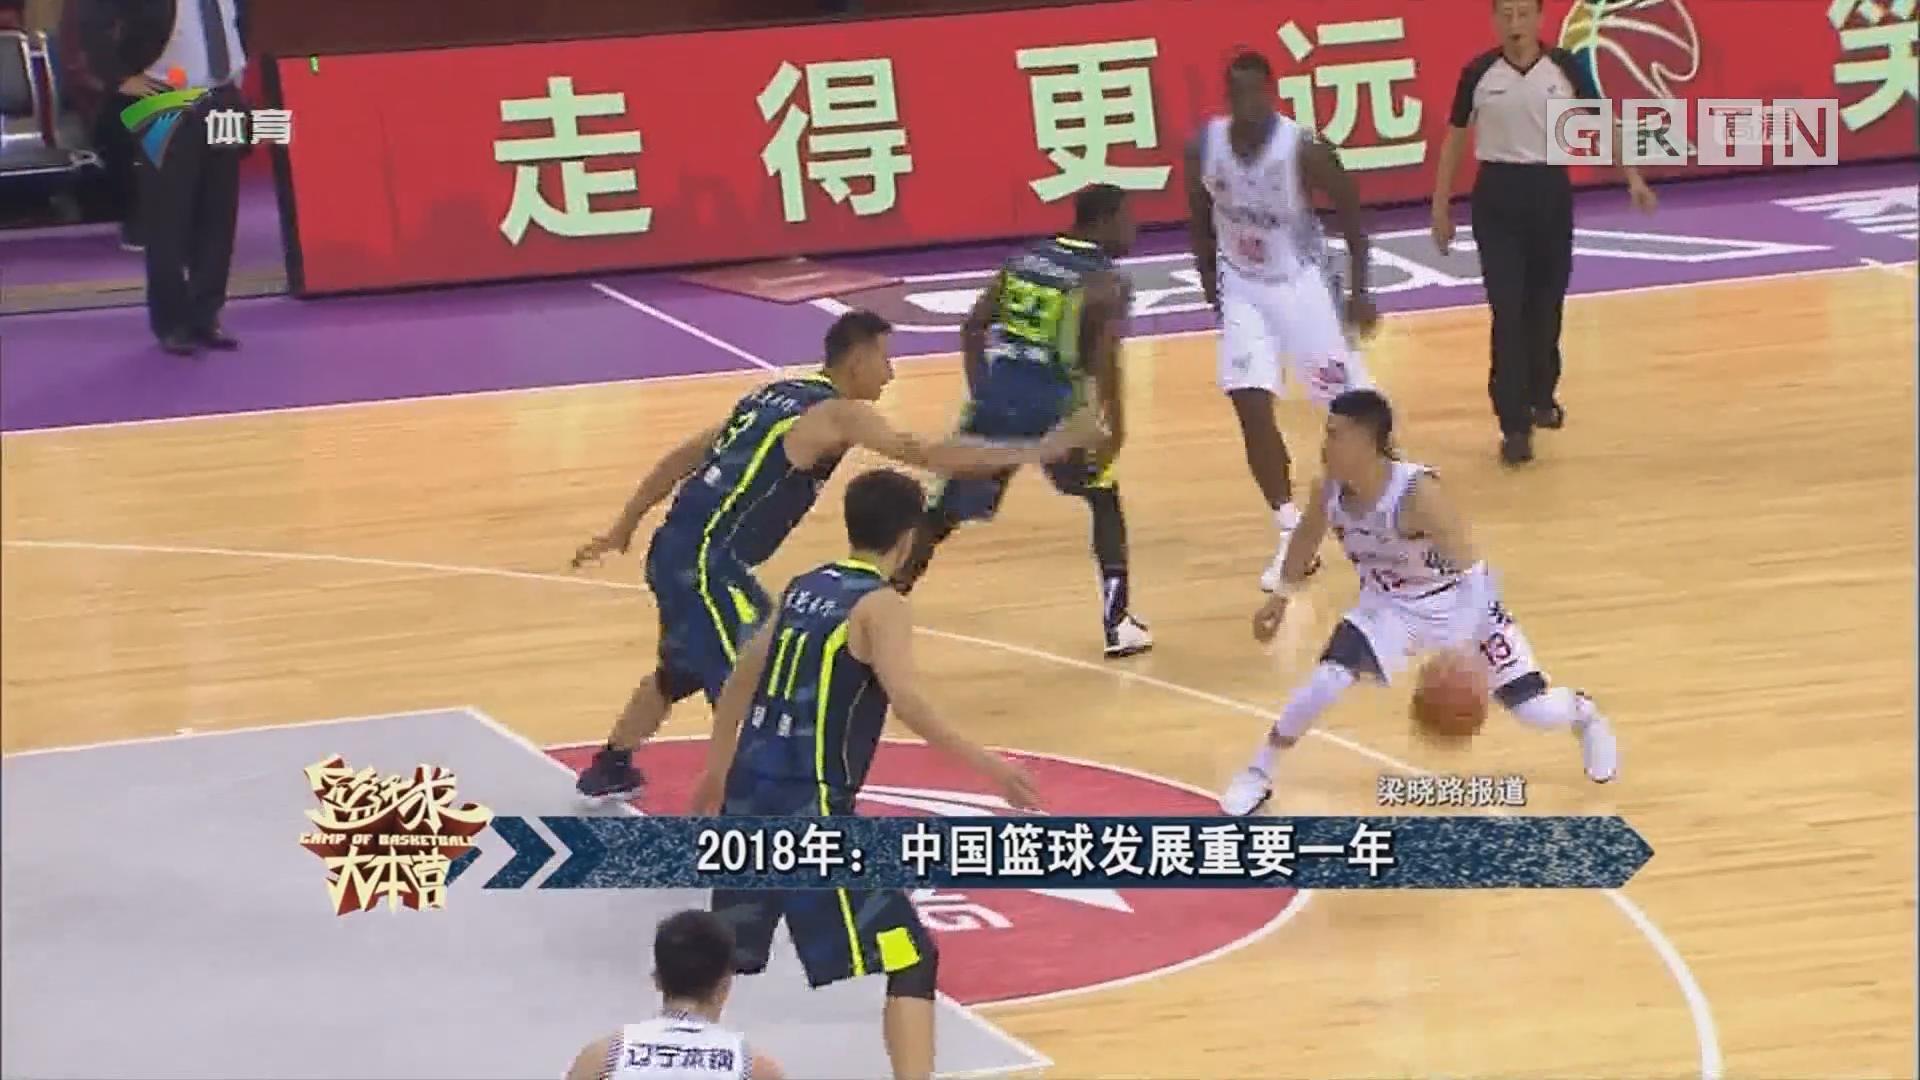 2018年:中国篮球发展重要一年